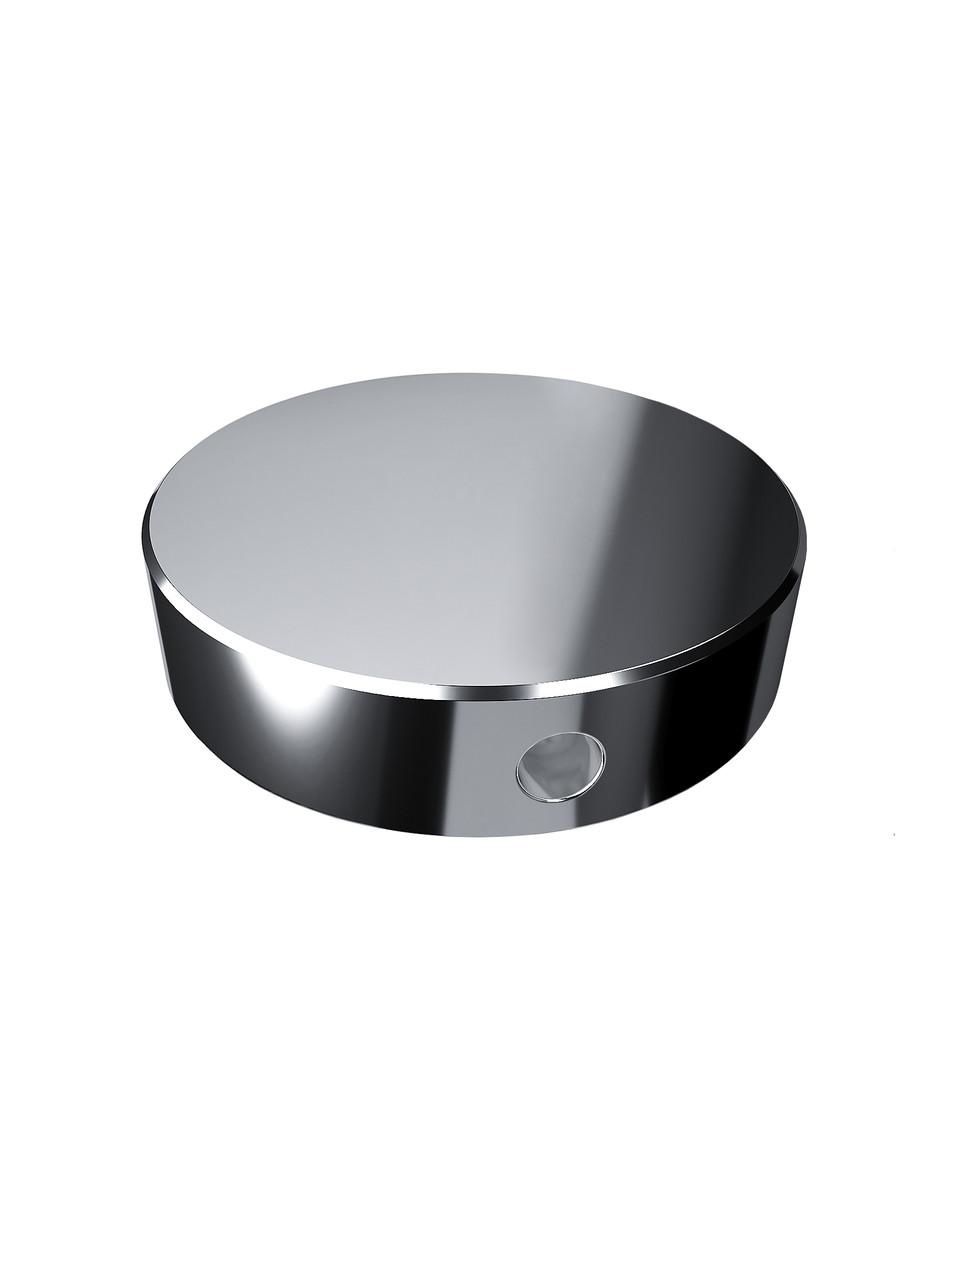 ODF-06-17-02 Конектор круглий d40 з боковим отвором М8, для скляних поручнів і огорож з скла, полір